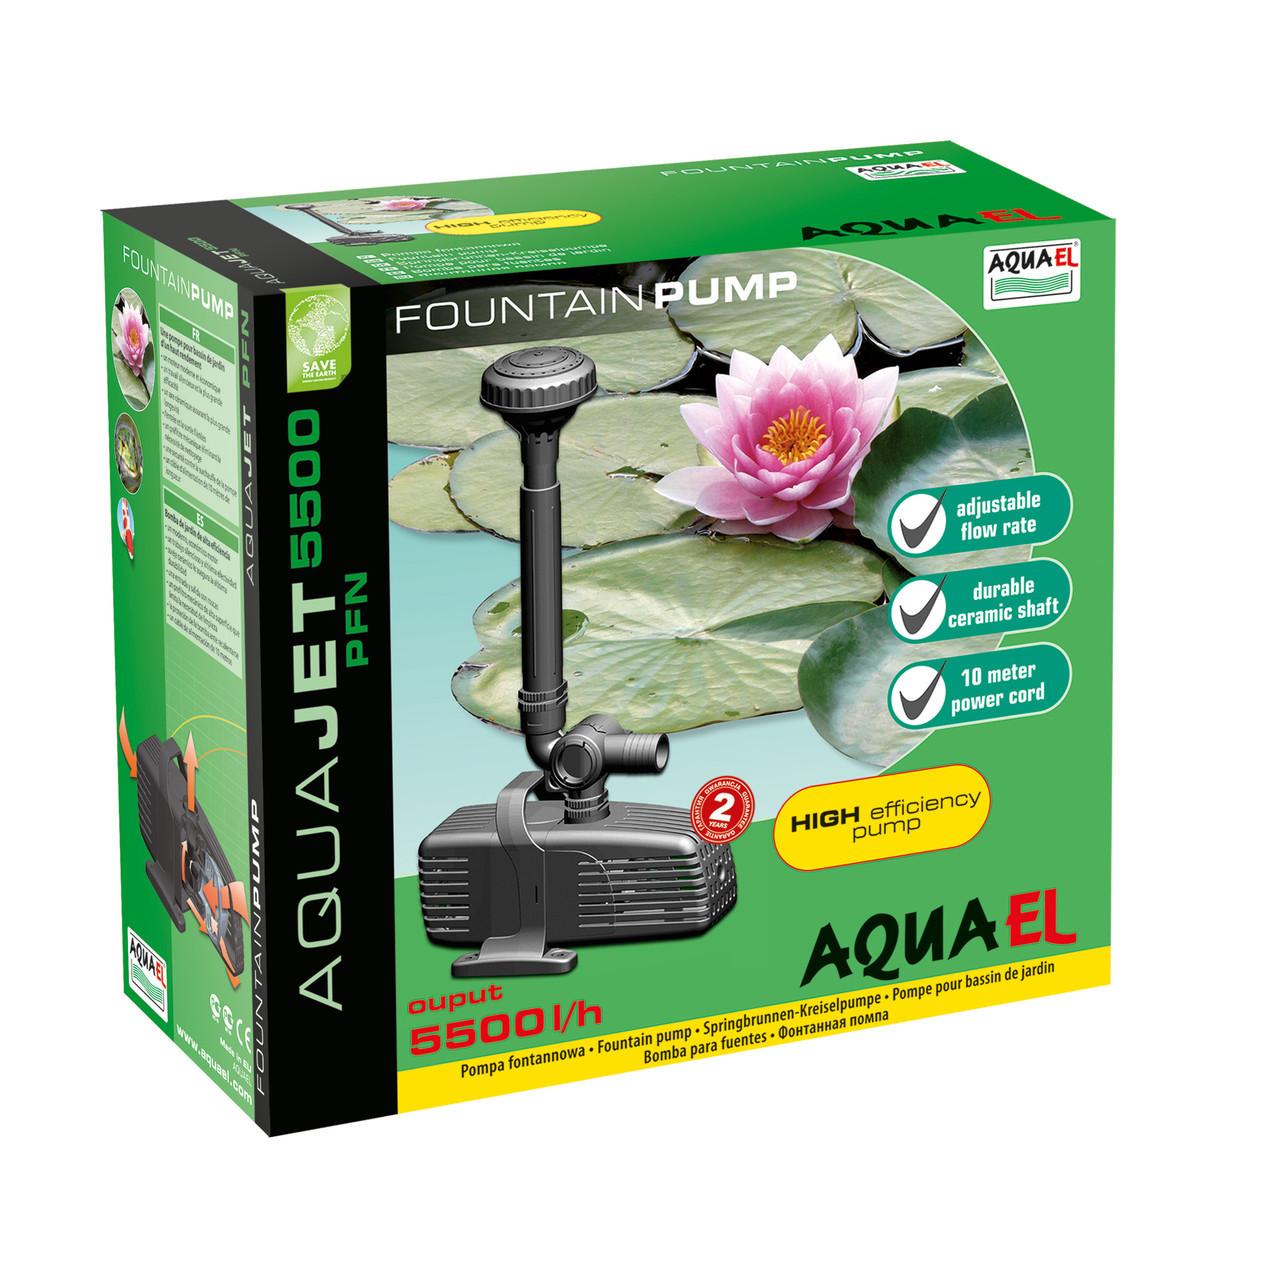 Помпа для фонтана Aquael Aquajet PFN-5500